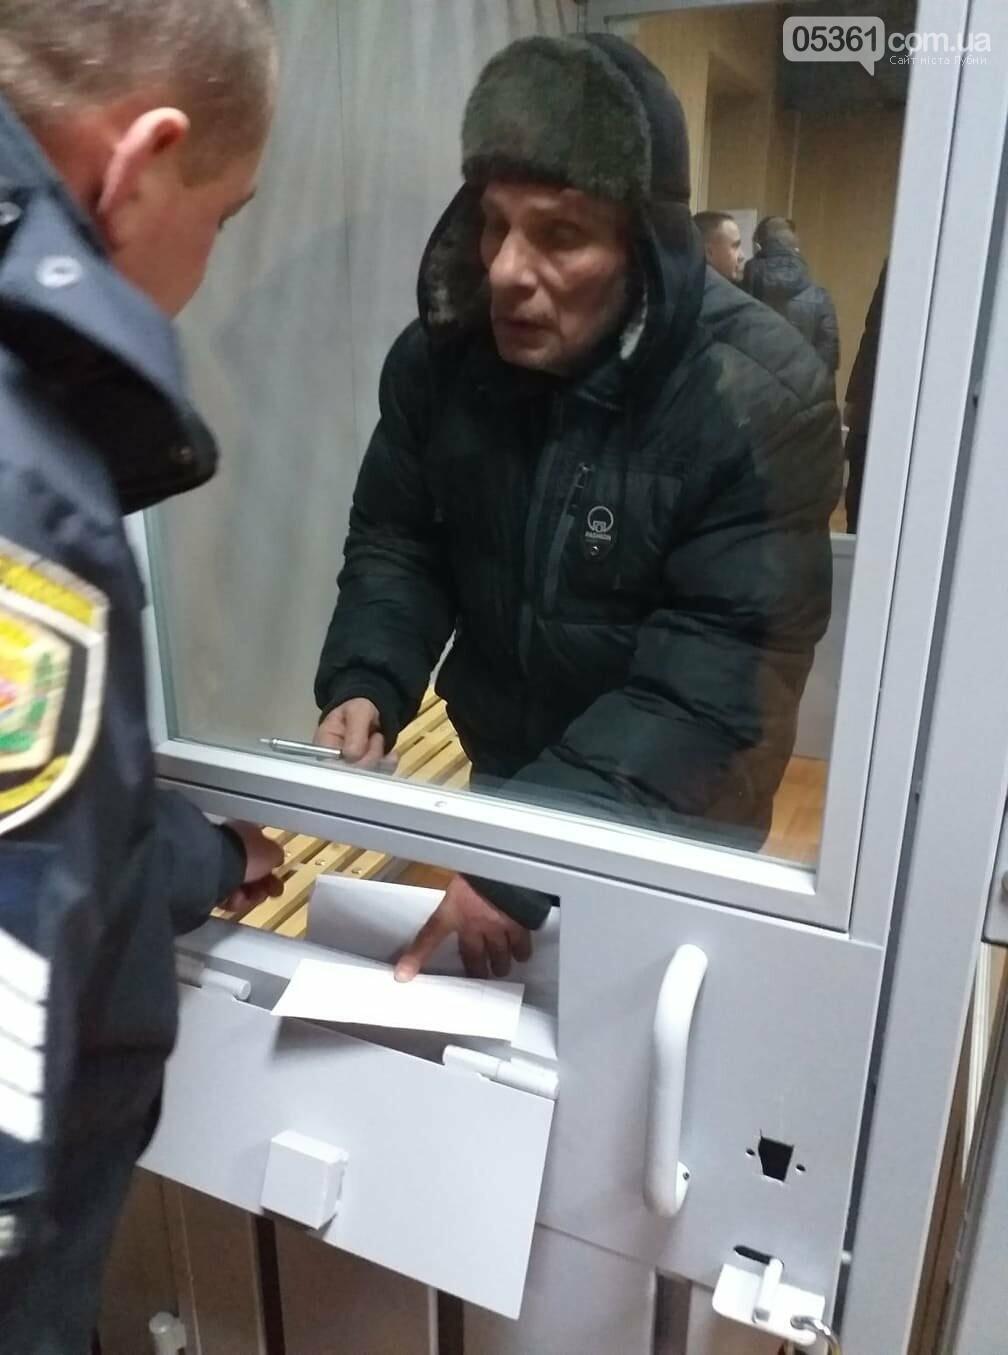 Різанина на Ярмарковій: суд визначив міру запобіжного заходу підозрюваному, фото-3